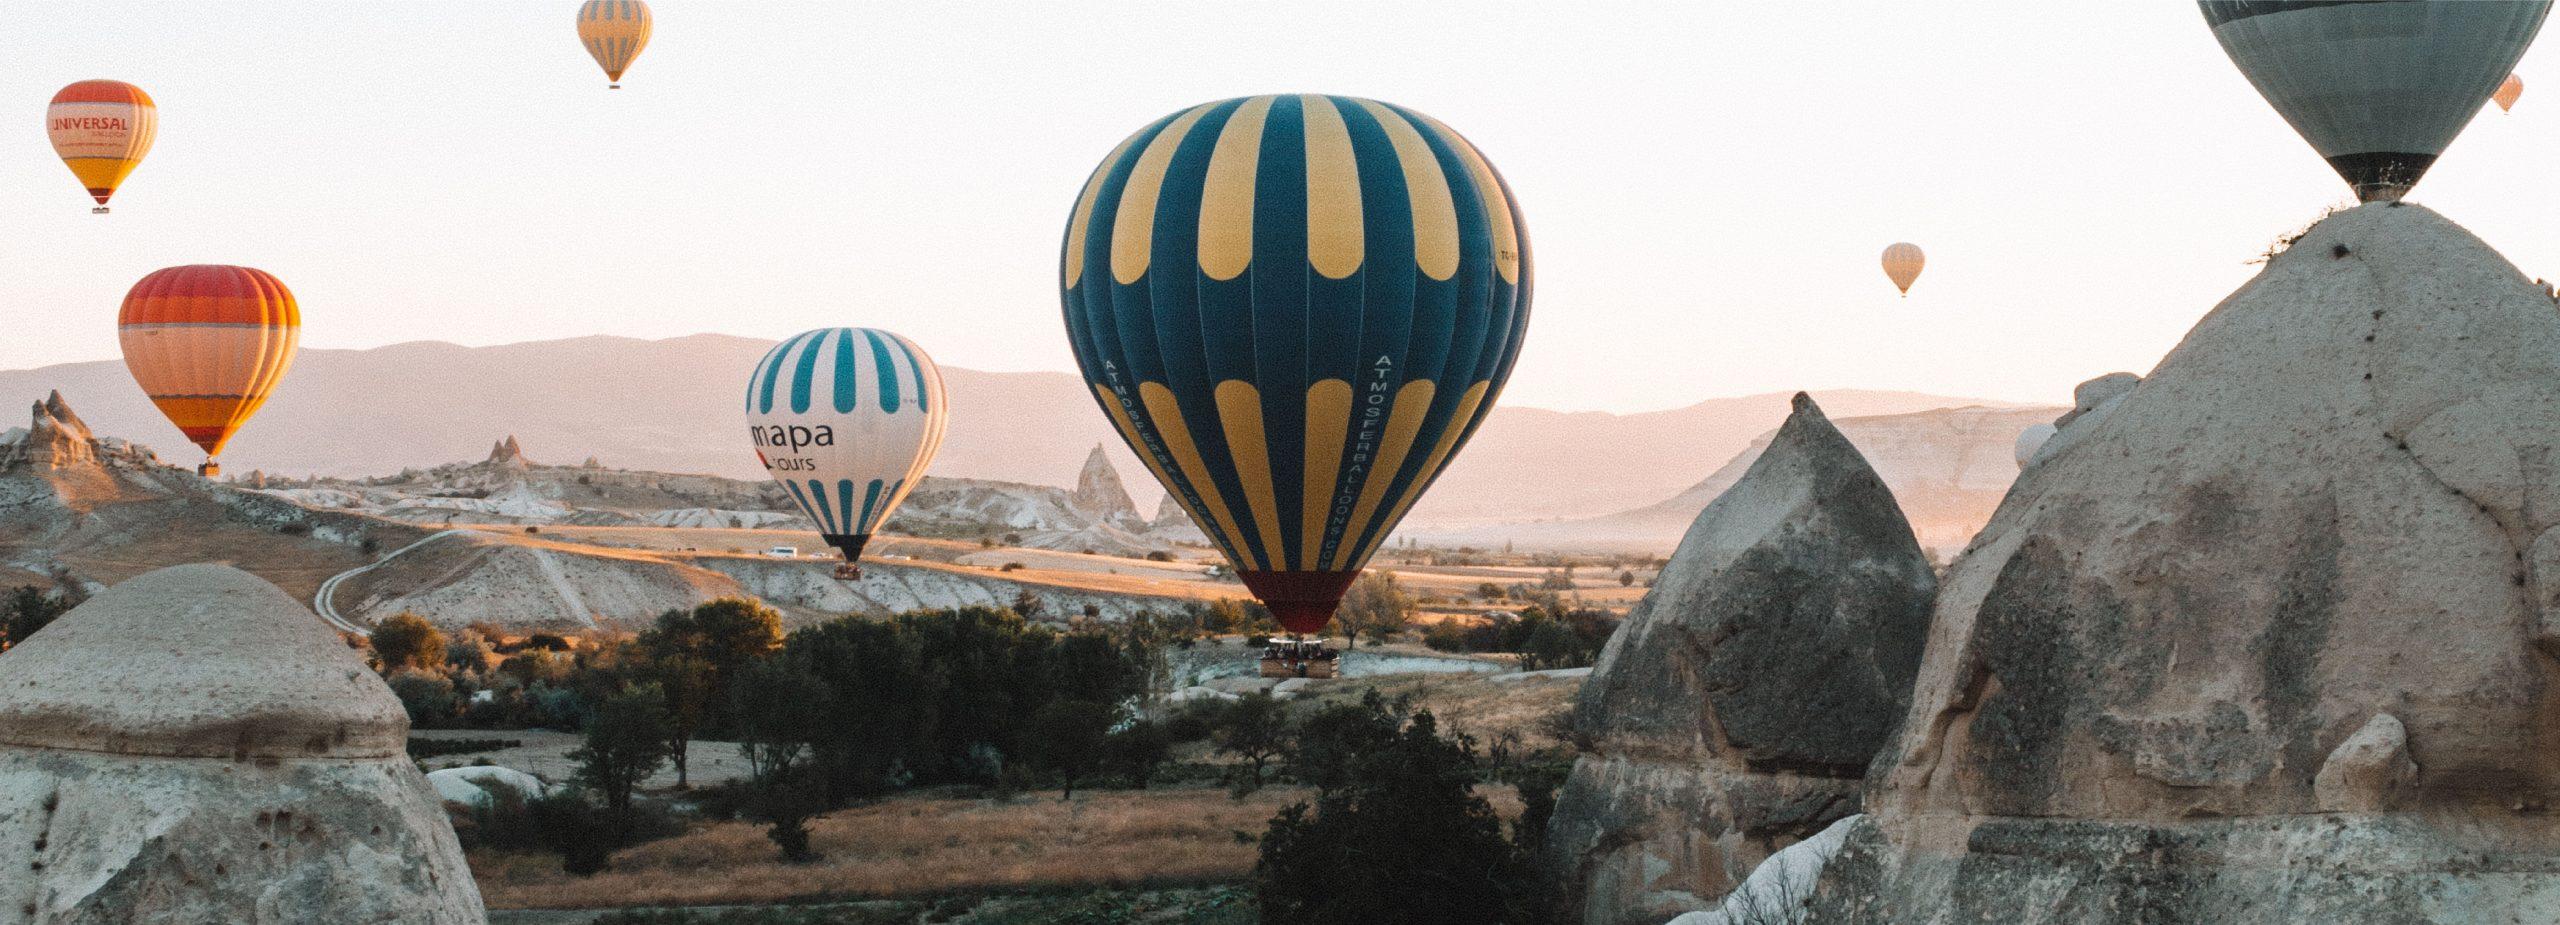 du lịch Thổ Nhĩ Kỳ - Bluetour